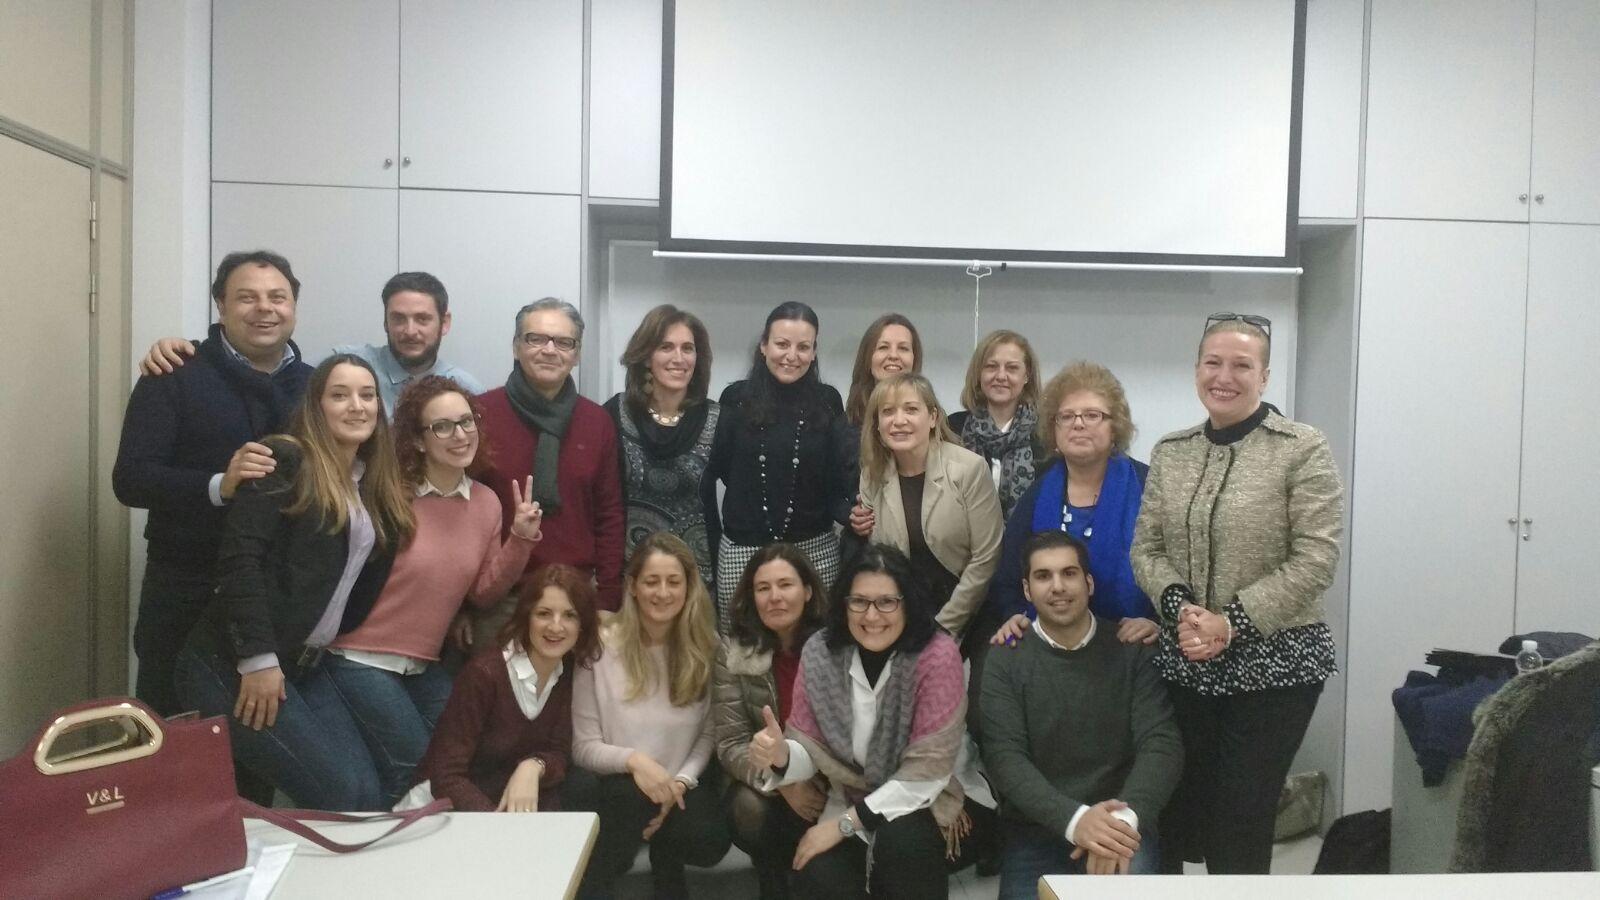 Primera sesión de prácticas con invitados en el curso PEC Psicólogo Coach